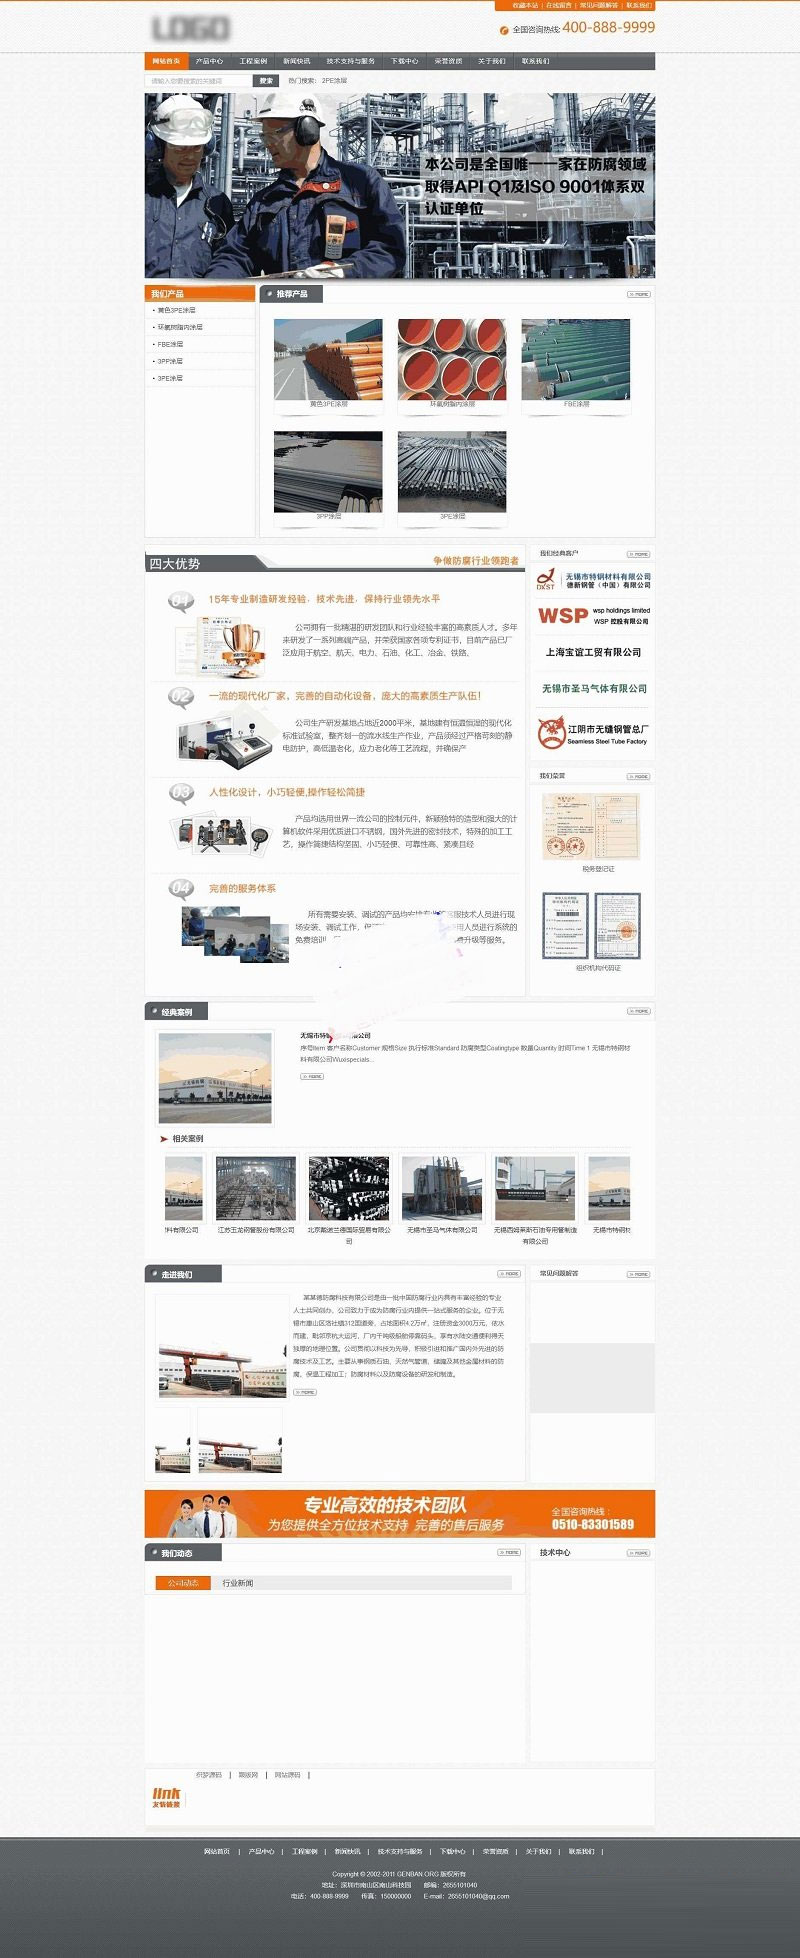 爱上源码网文章织梦dedecms防腐材料生产销售公司网站模板的内容插图